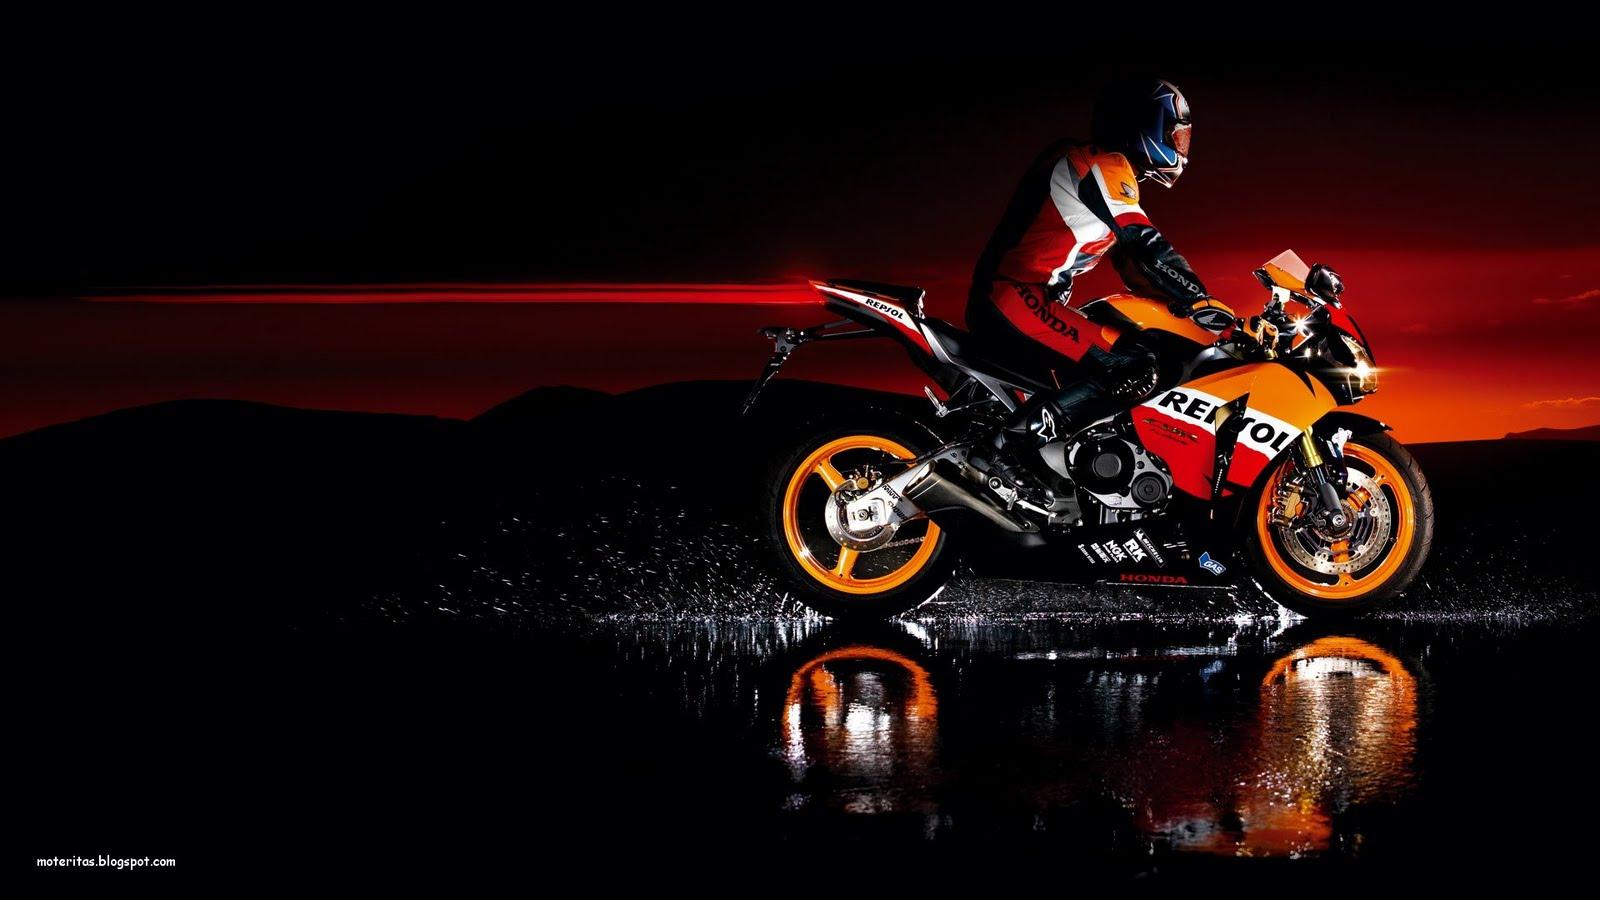 Motos Y Mujeres Resolución HD: Honda CBR1000RR Motorcycle